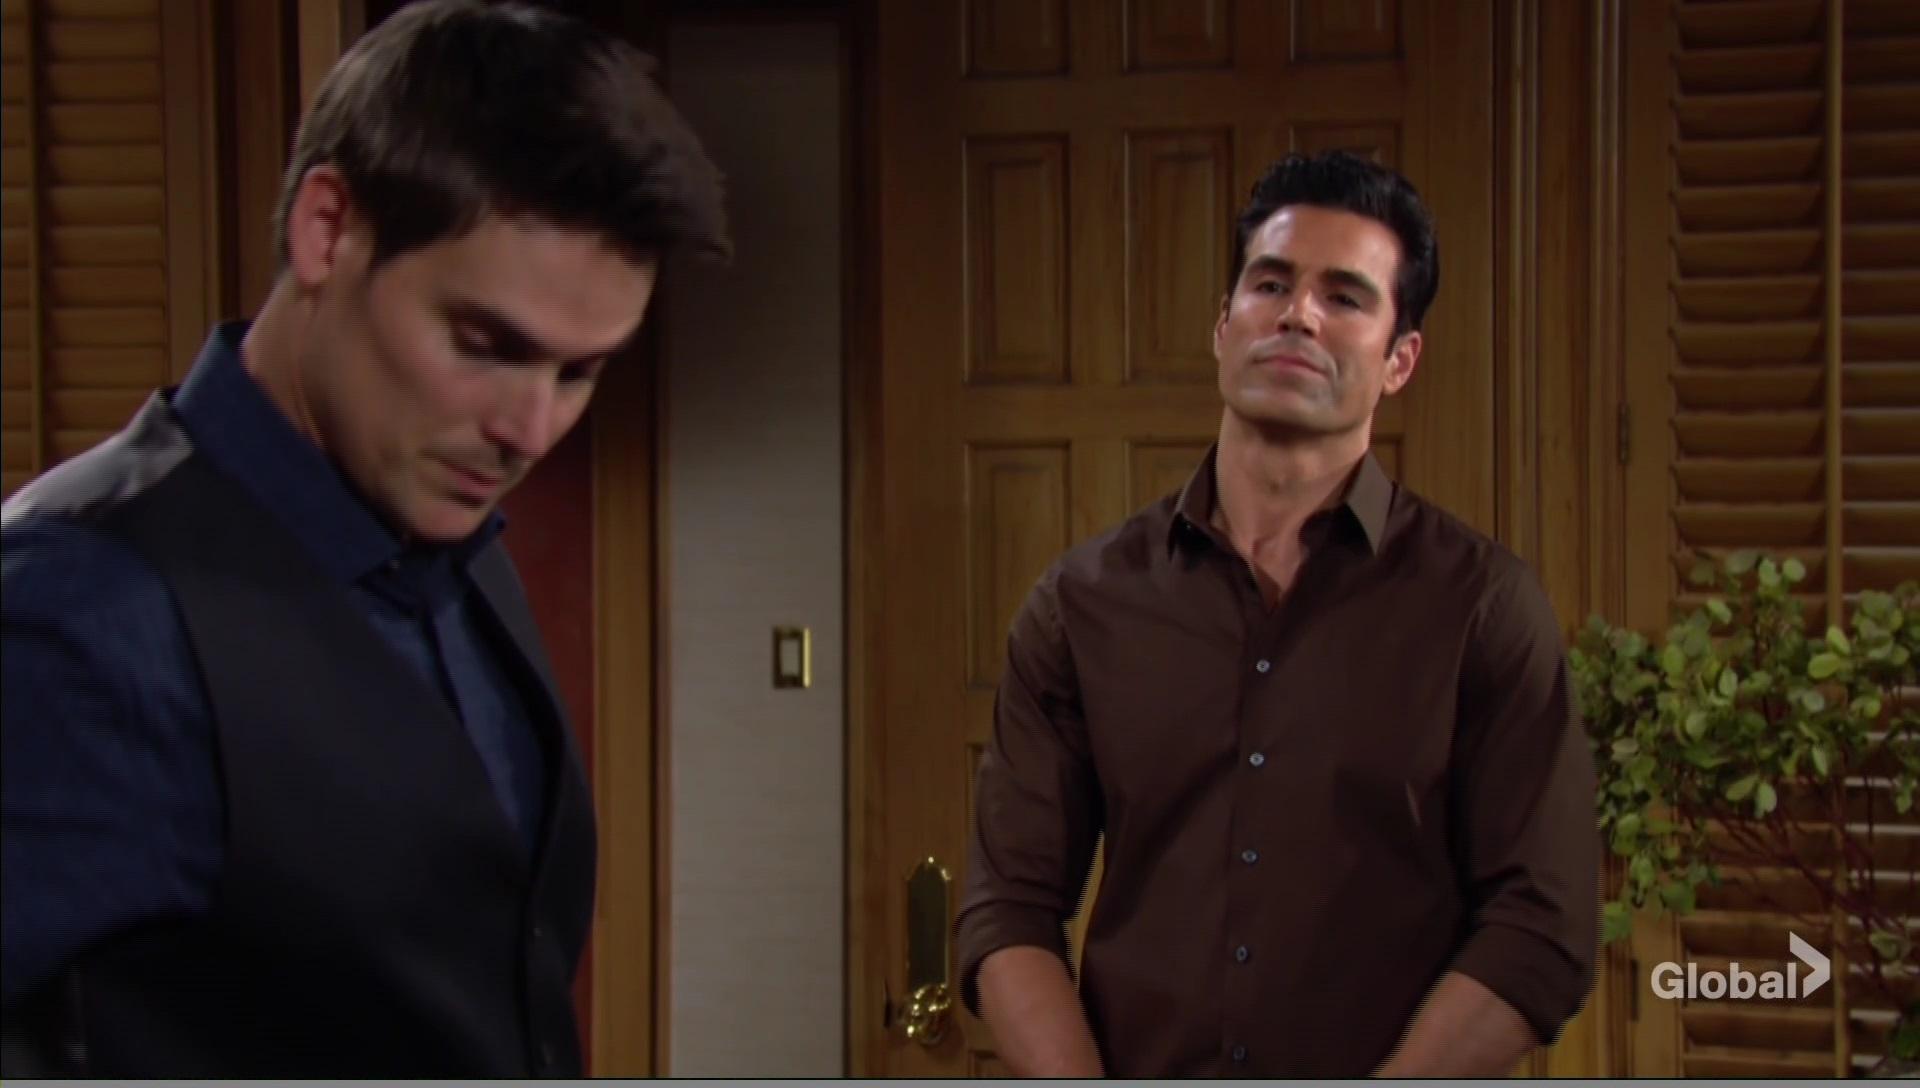 rey accusing adam taking mariah young restless